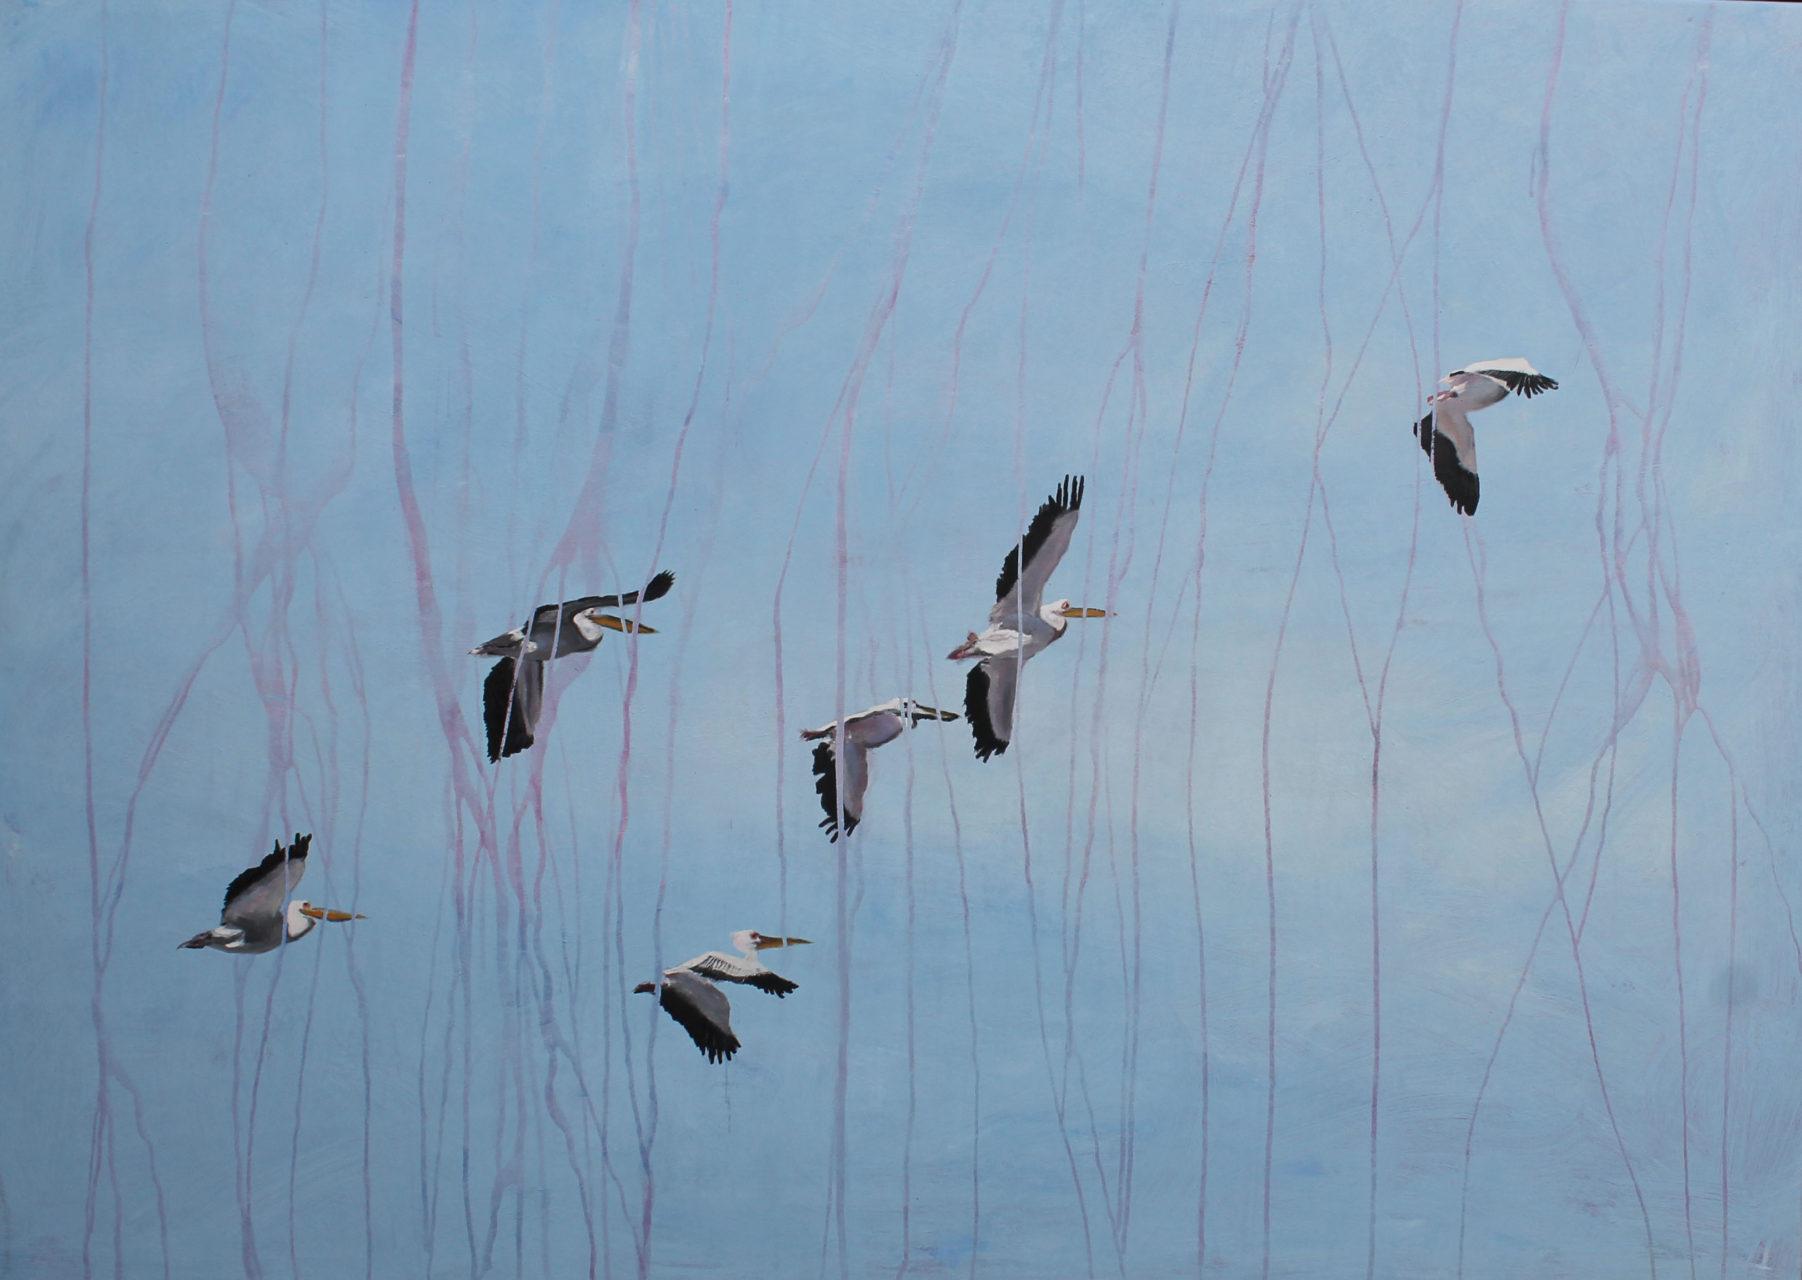 Pelicans, 2106, Mischtechnik, 100 x 140 cm